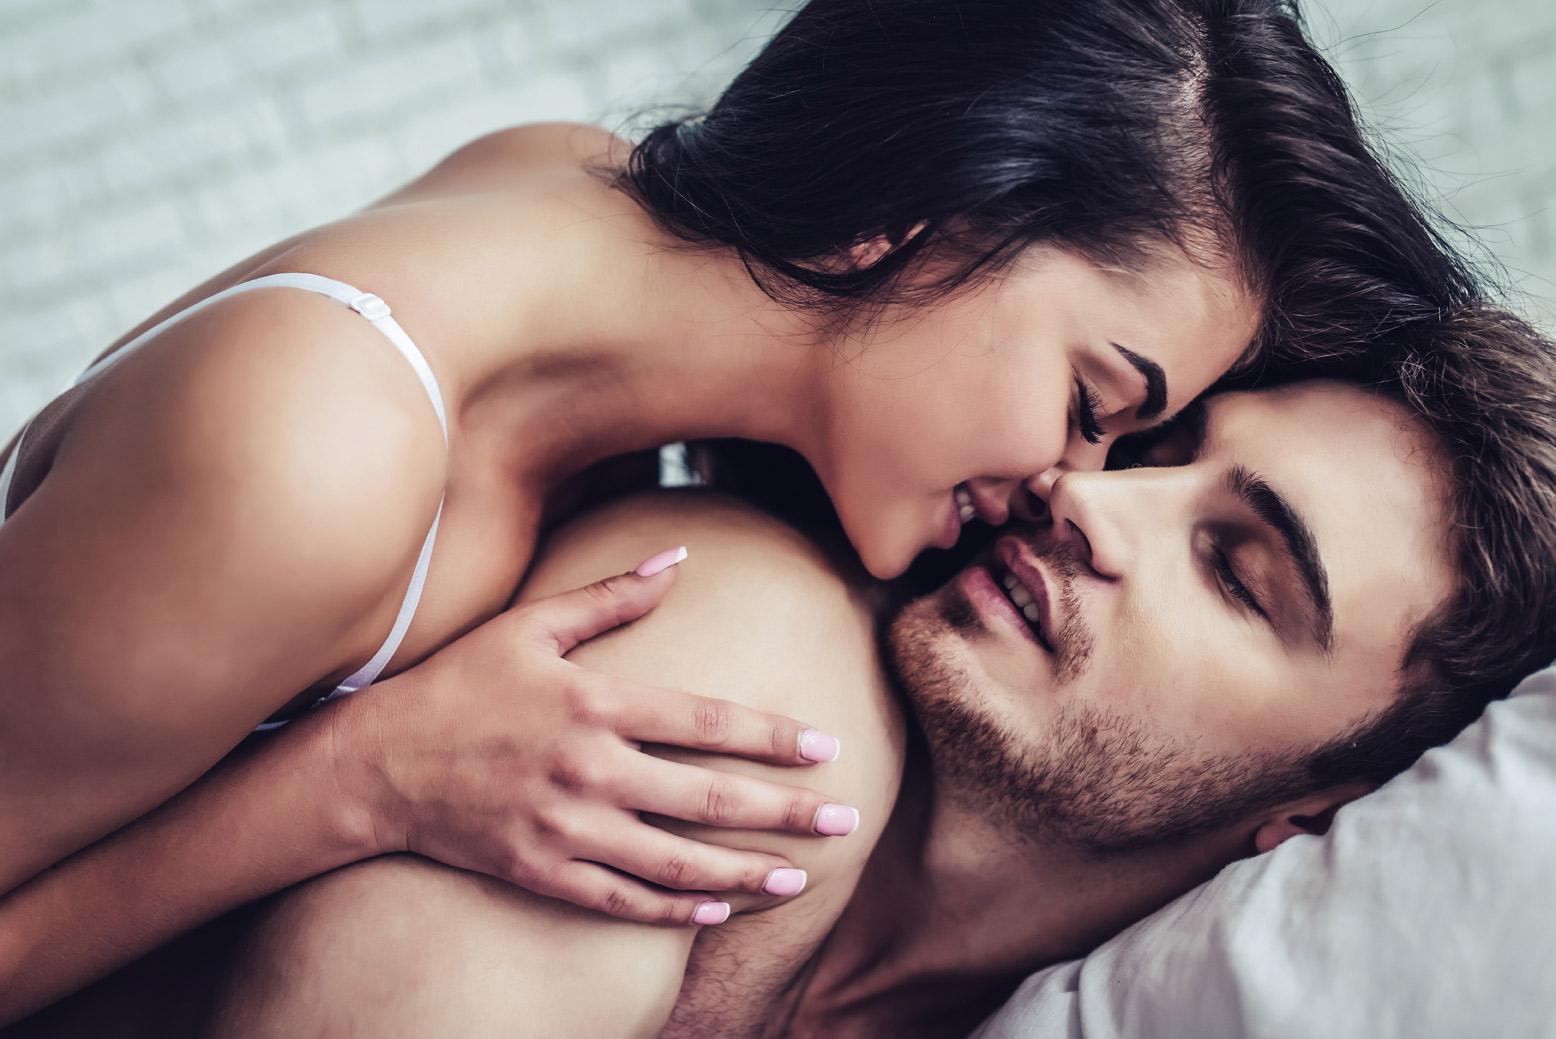 Сексуально возбуждающий ролик, Порно молодых в секс видео клипах смотреть онлайн 16 фотография